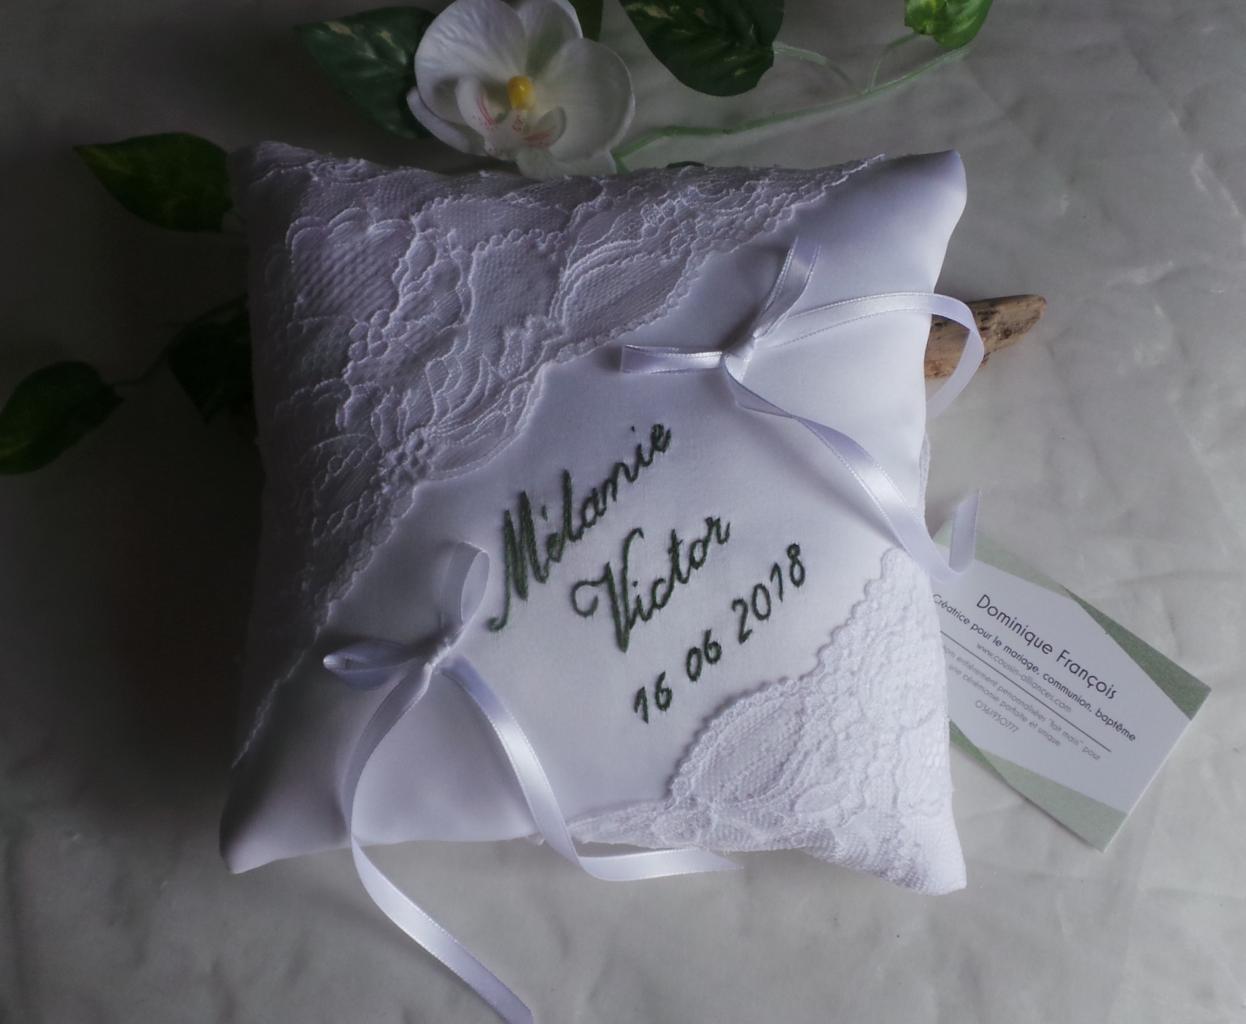 Coussin de mariage blanc dentelle prénoms + date